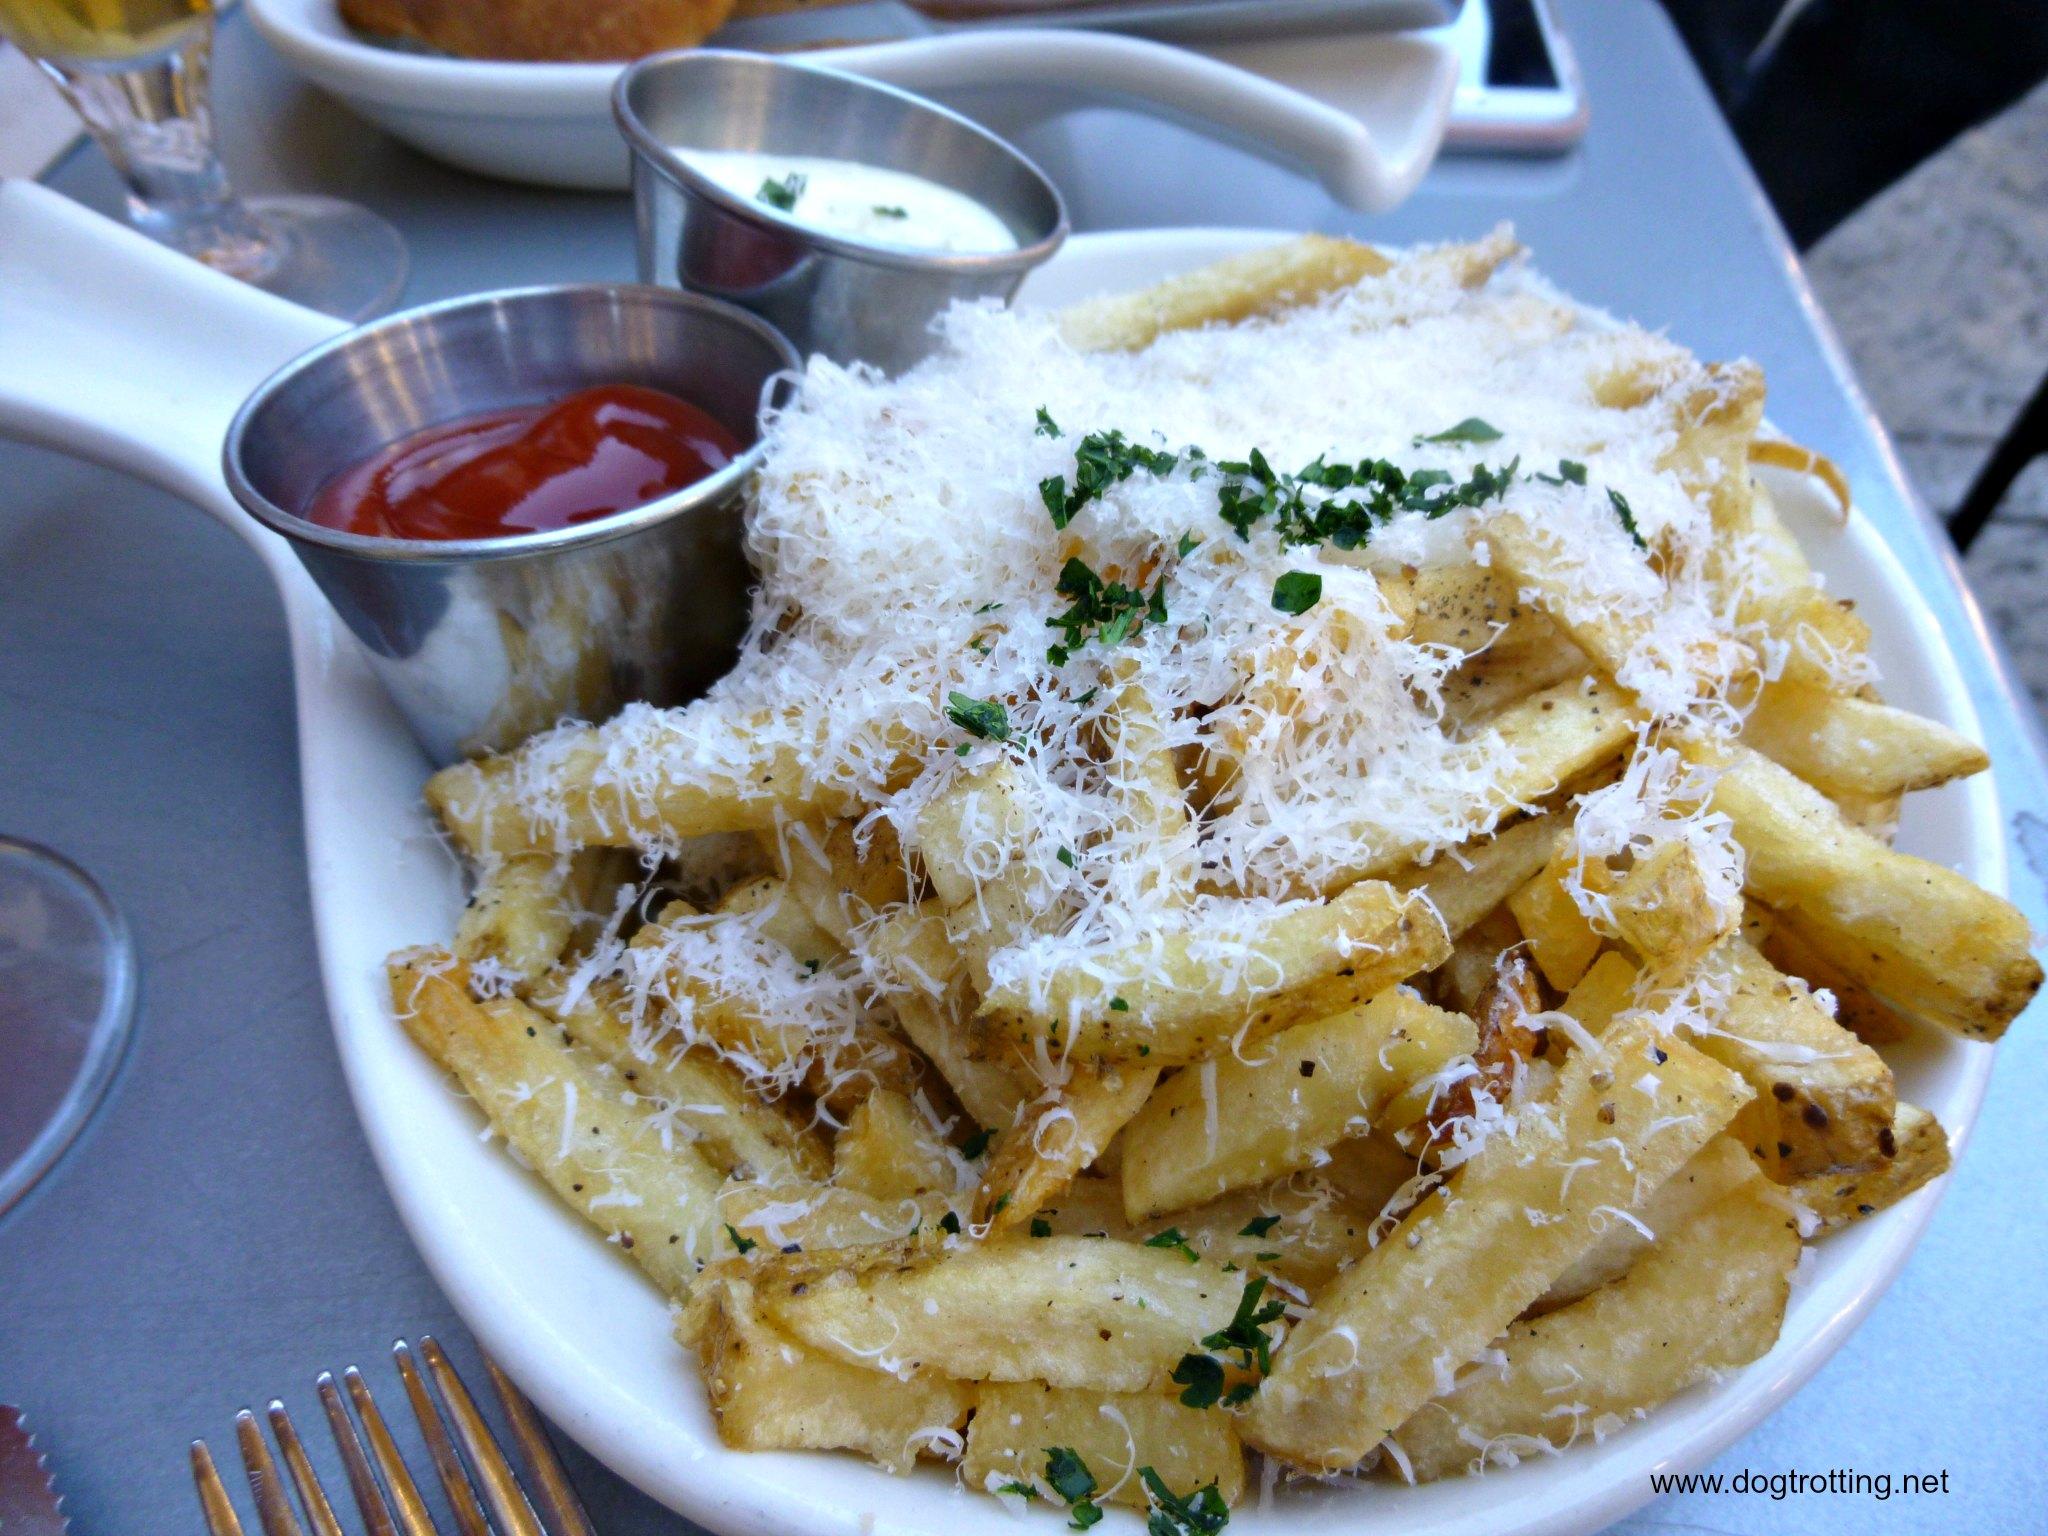 seasoned gourmet cheese fries at cafe in Balboa Park in San Die